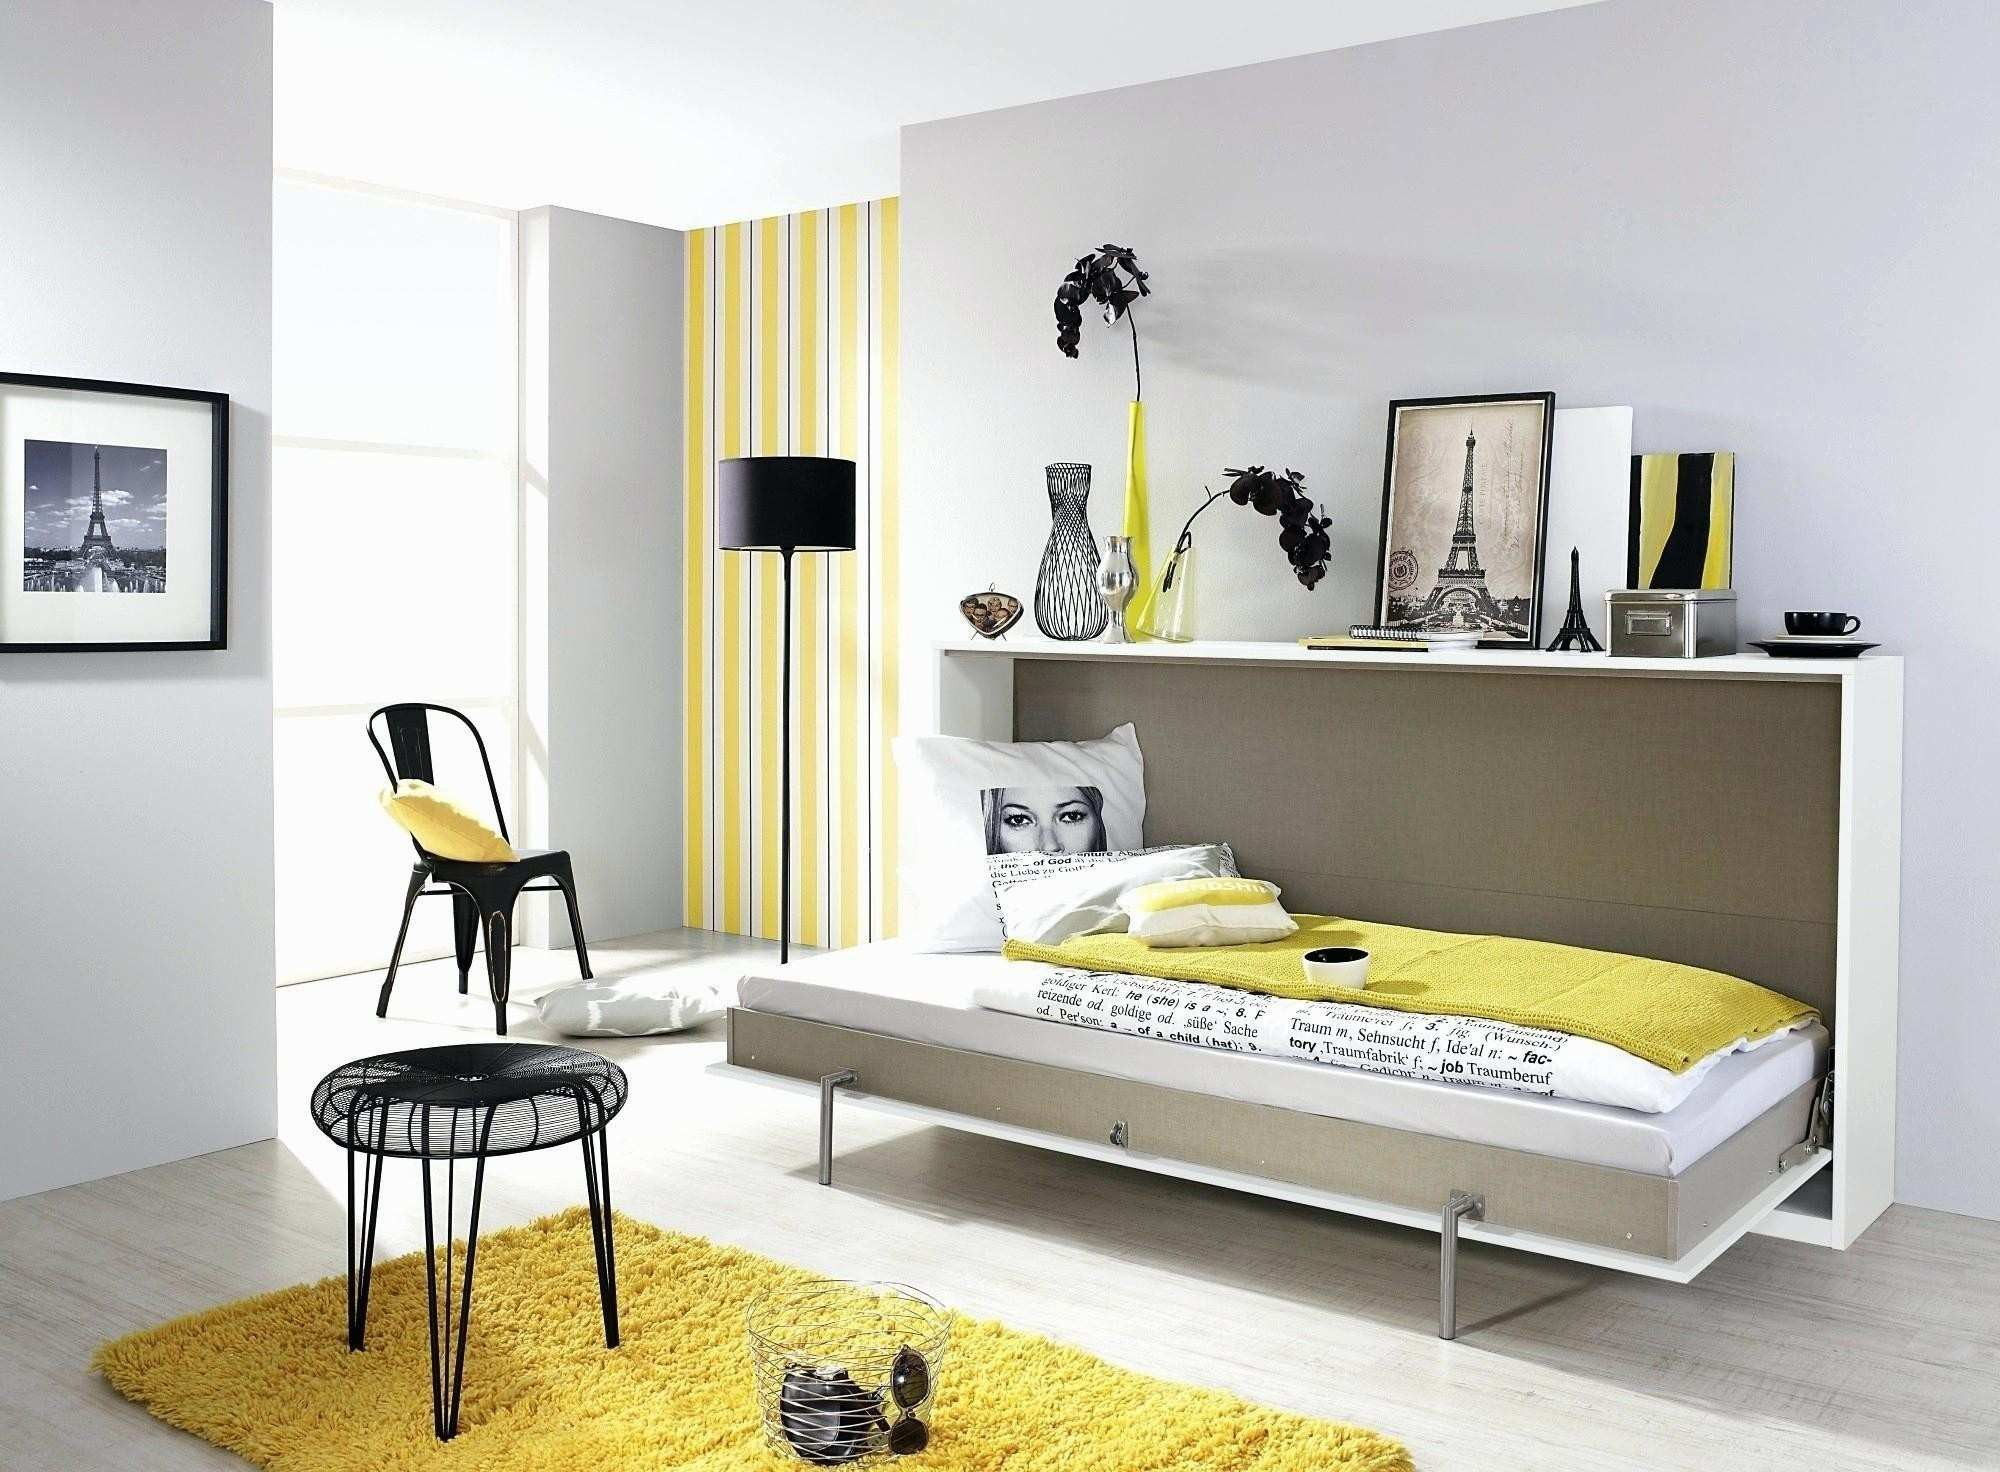 Lit Deux Places Pas Cher Magnifique Divin Canape Angle Pas Cher Design  Lit Convertible 2 Places Ikea